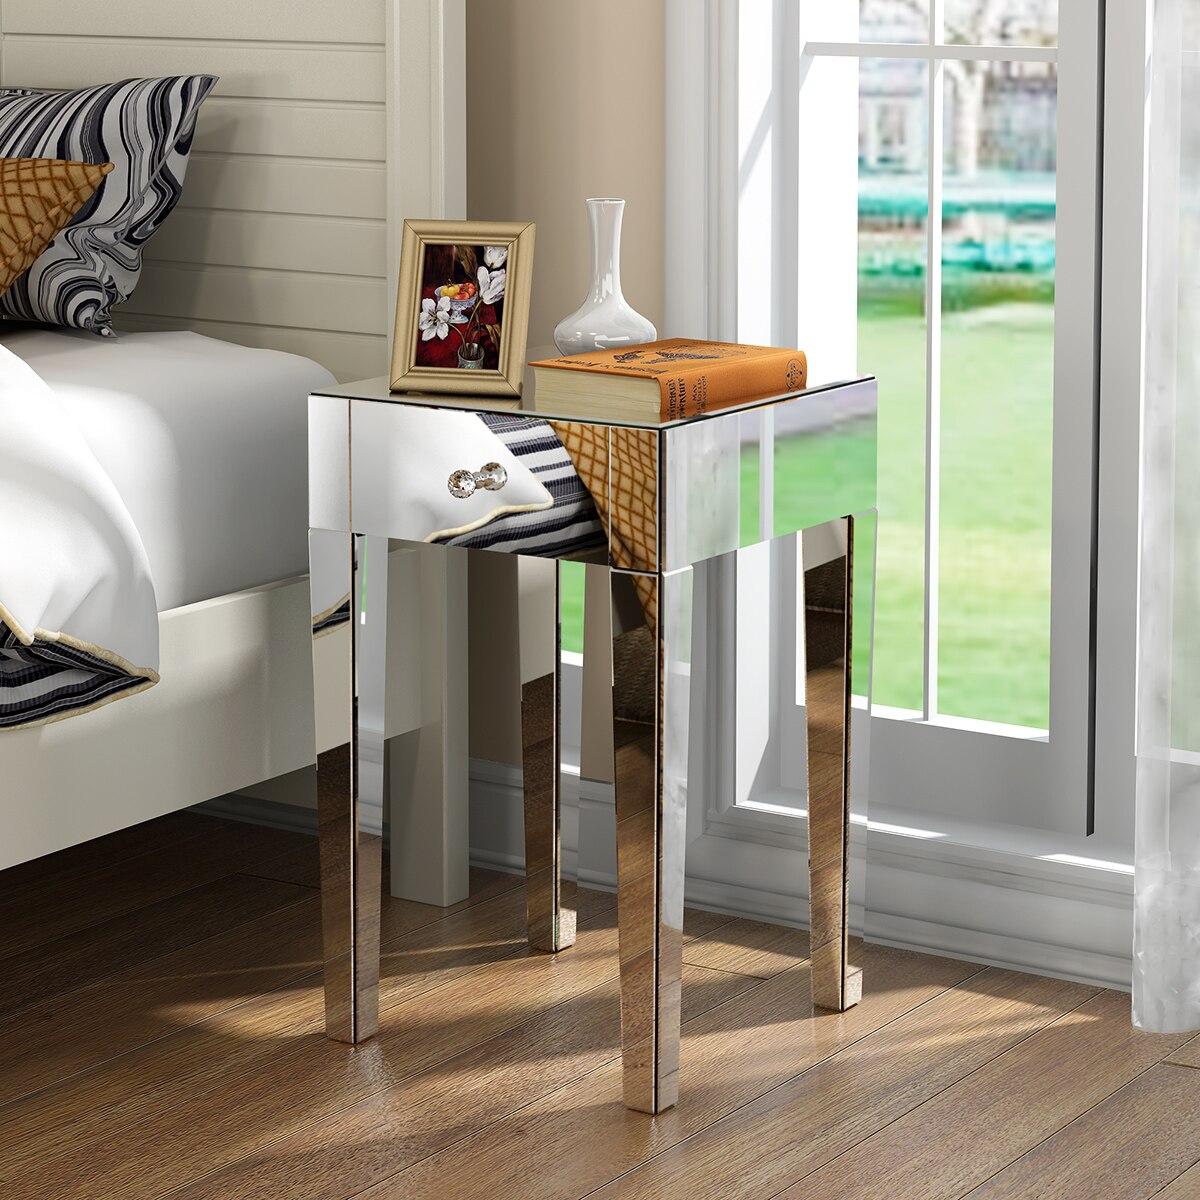 Preselling Panana aynalı cam komodin çekmeceli ve cam kolları ayna hızlı teslimat yatak odası mobilyası title=